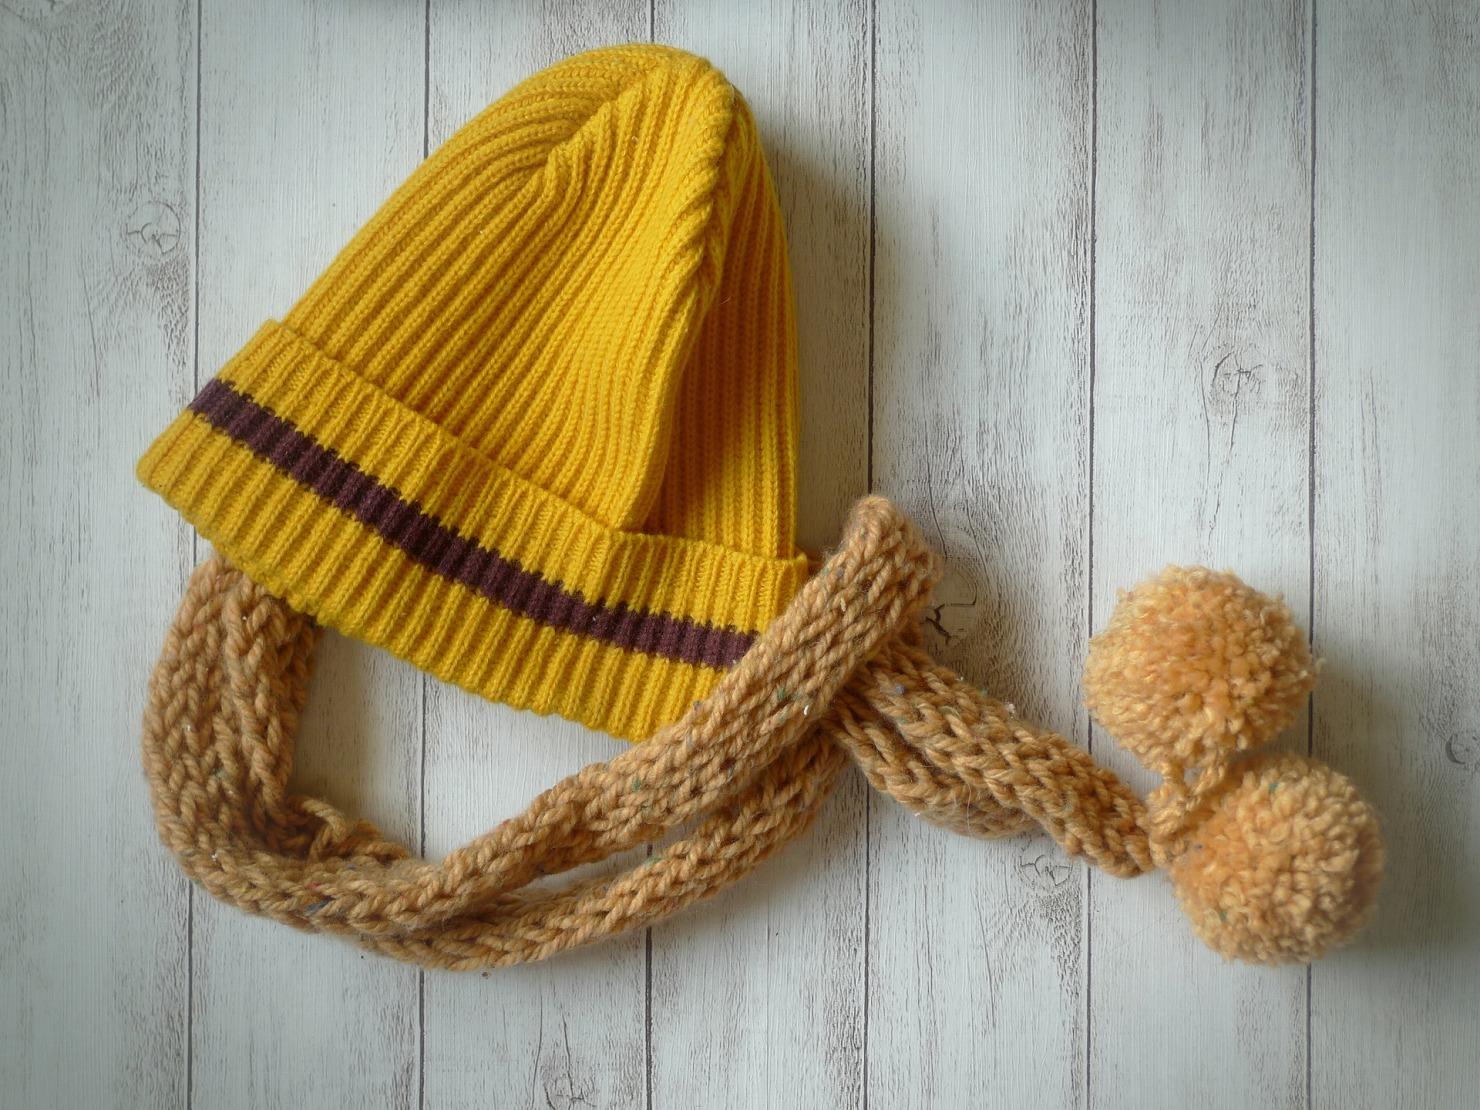 子供もできる指編み! マフラーの編み方の基本と指編みで簡単に作れる物を紹介